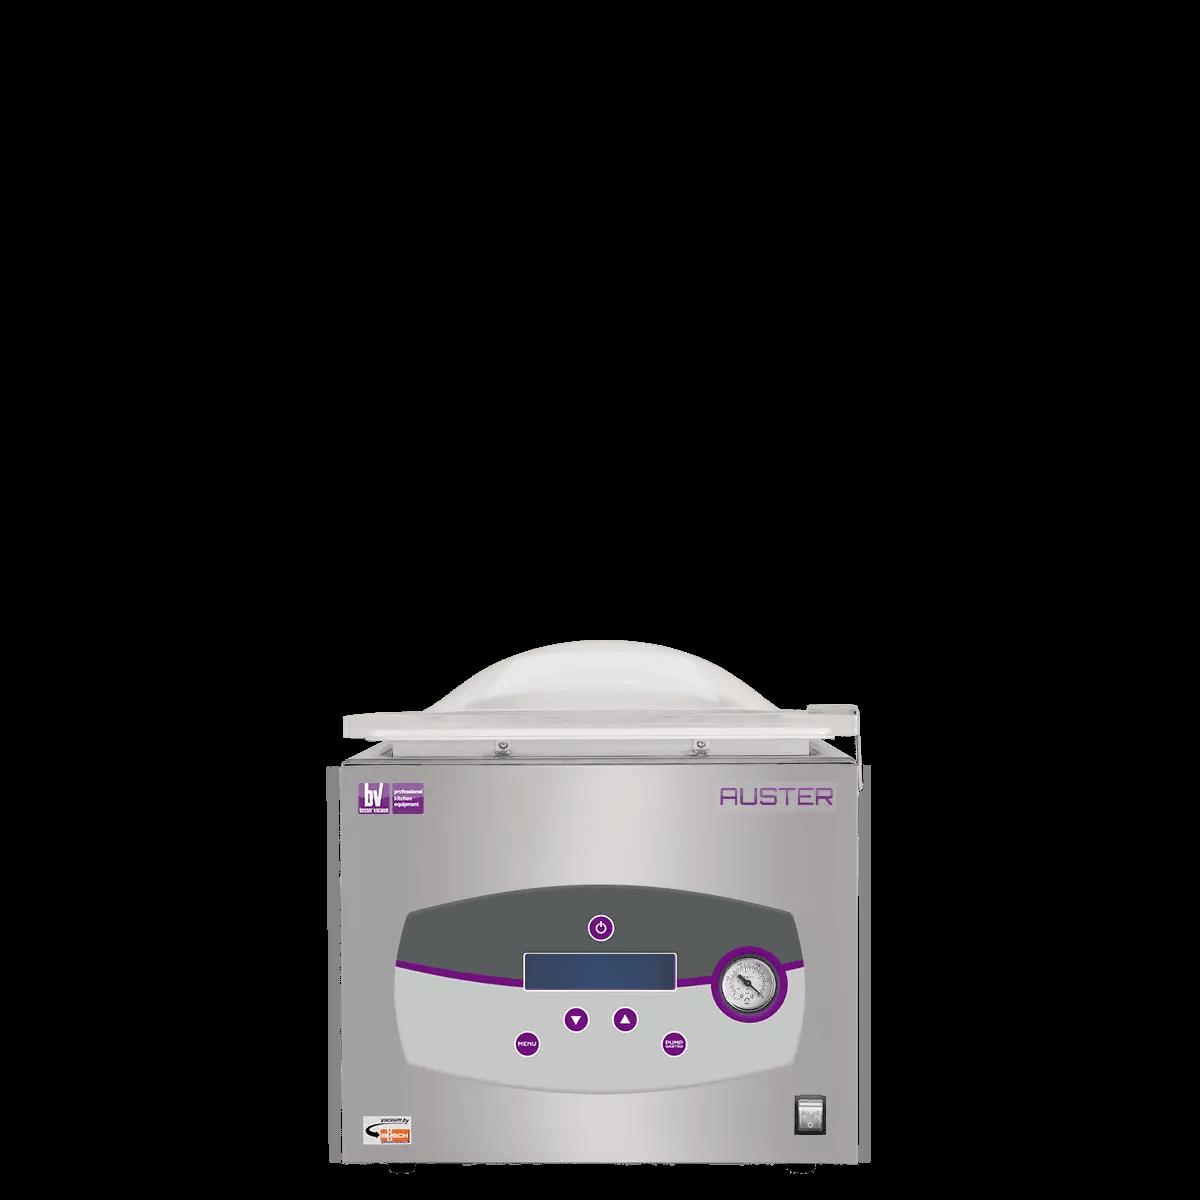 Auster chambered vacuum packing machine